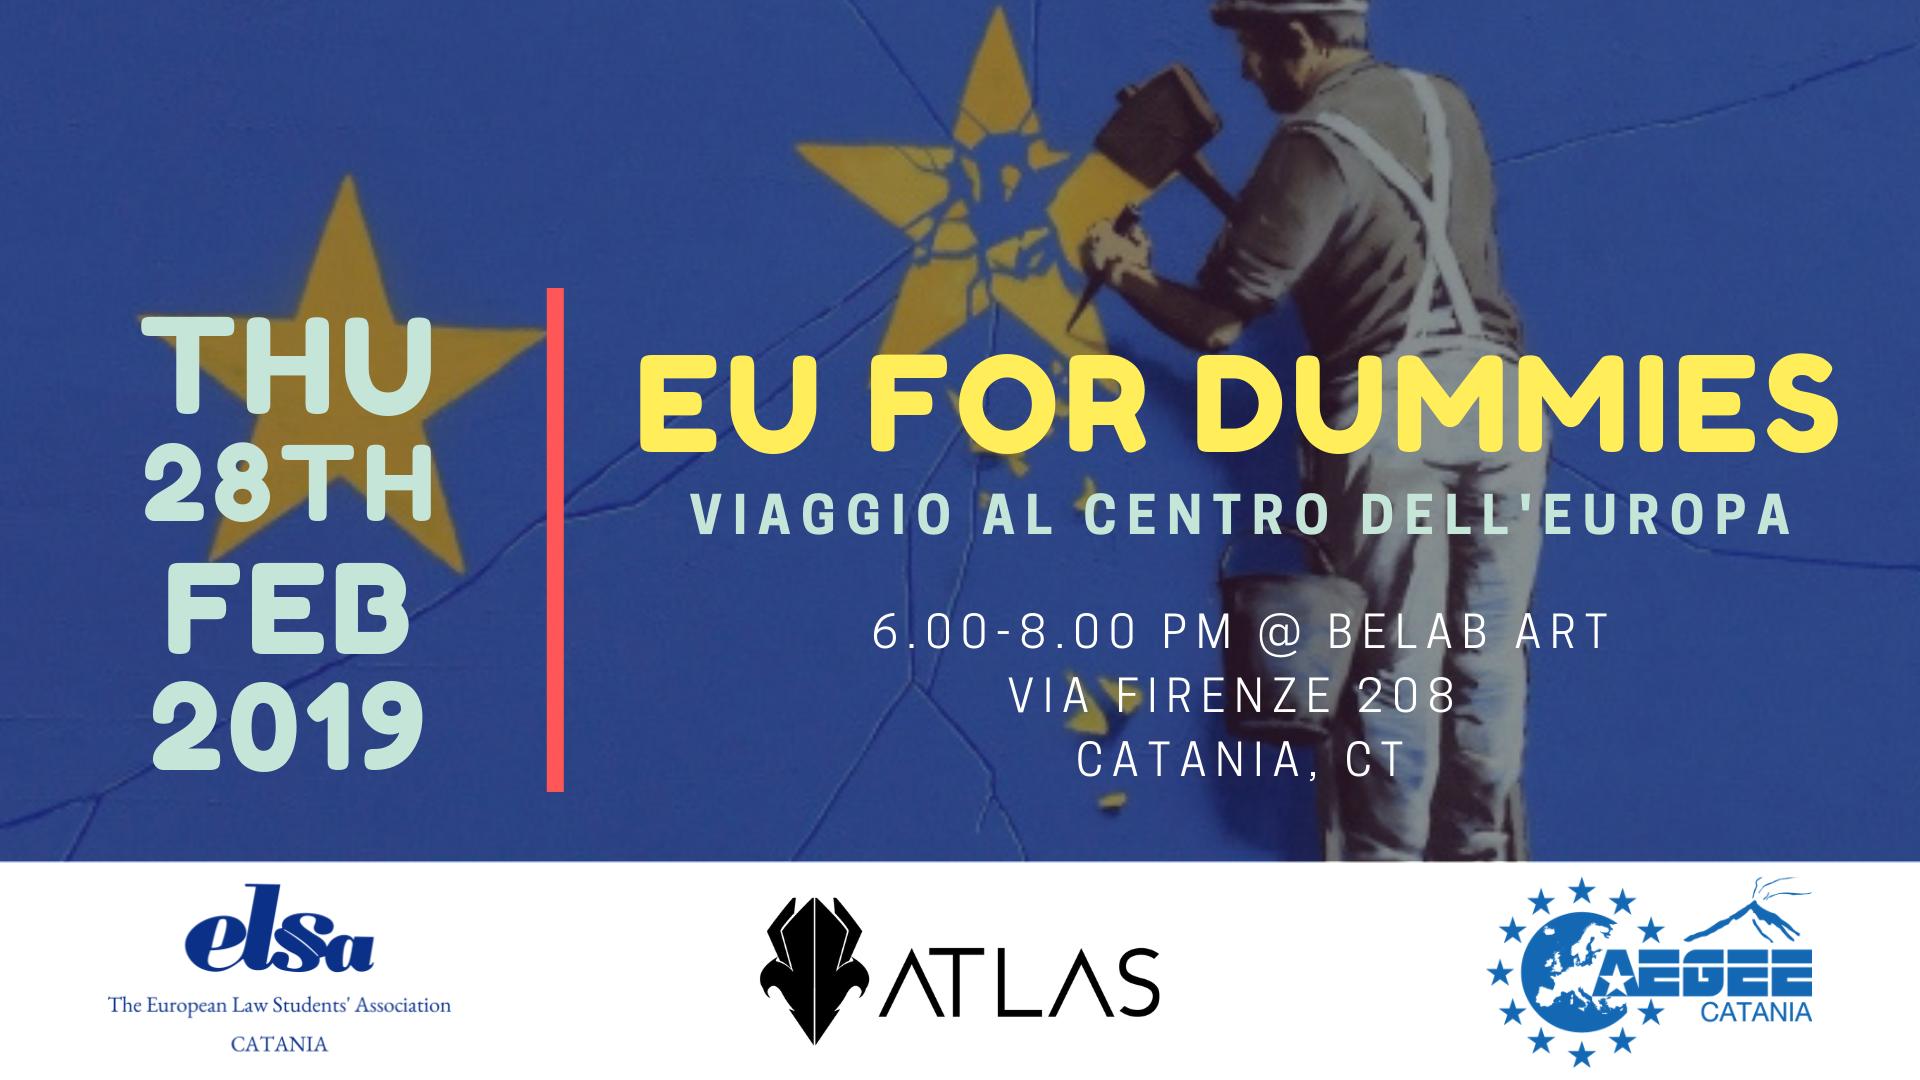 Spiegare l'Europa agli europei? Ci prova ATLAS con EU for dummies